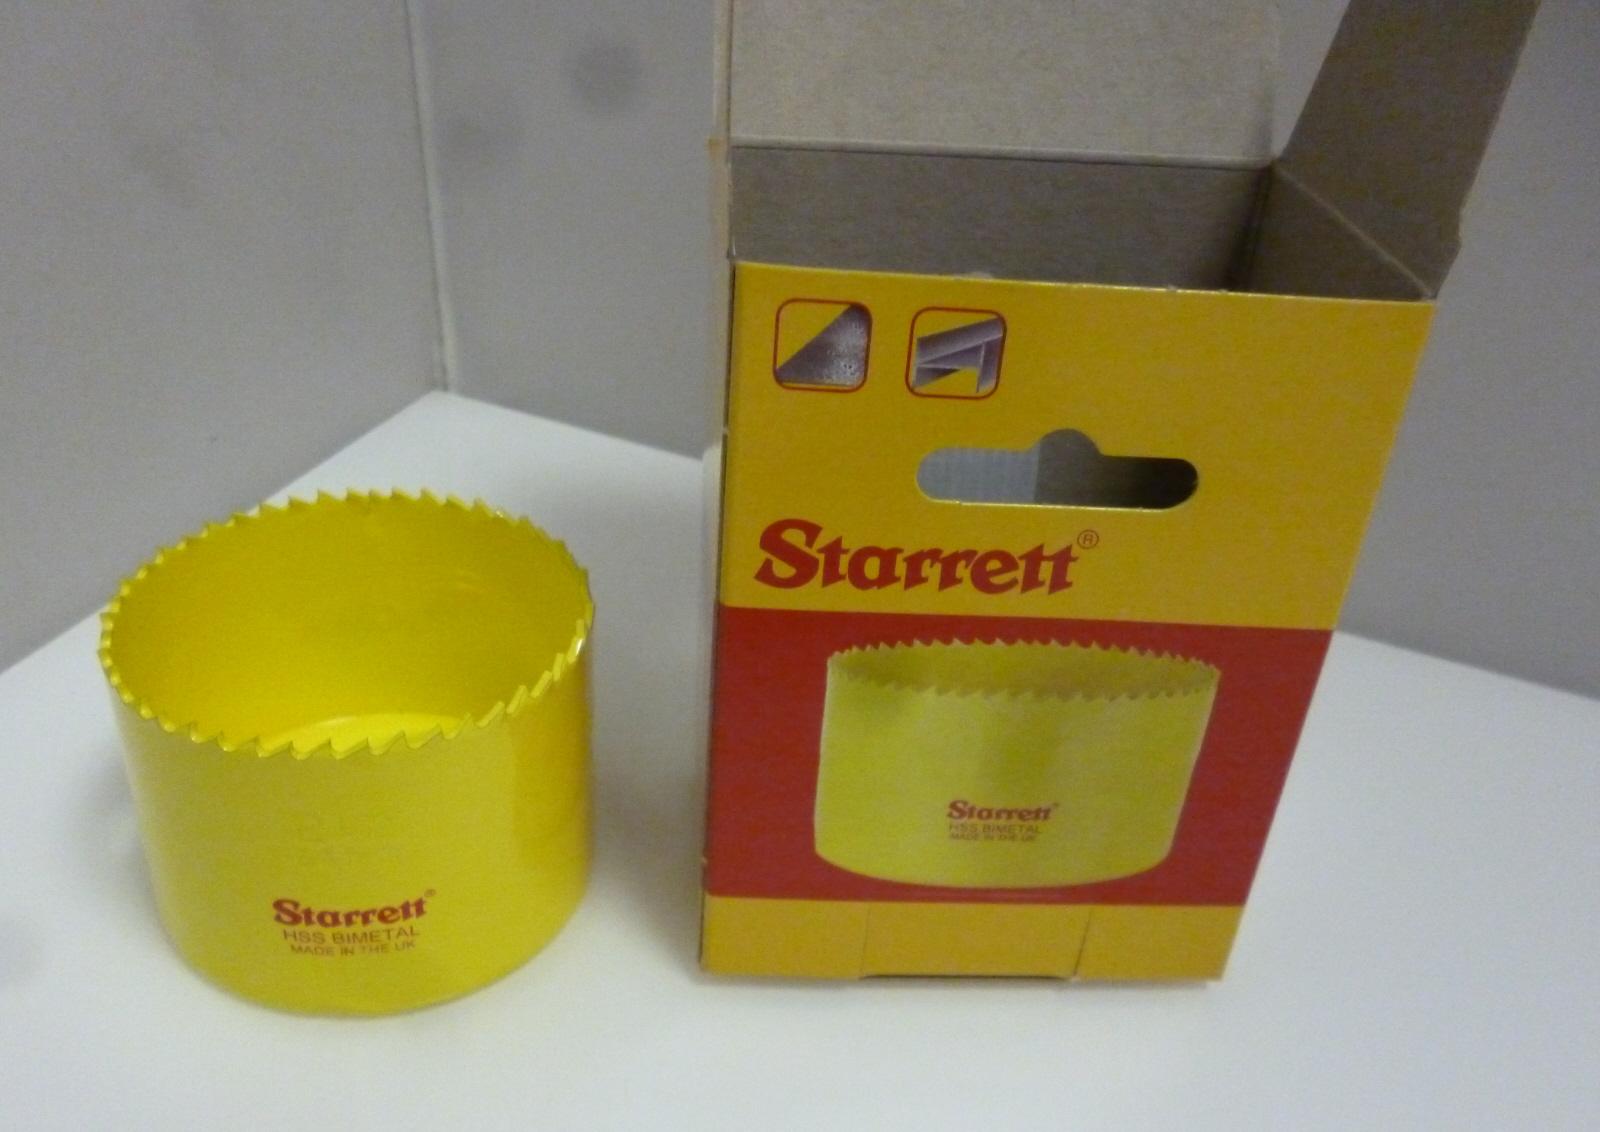 Starrett SH0212 Bi Metal Hole saw 64mm